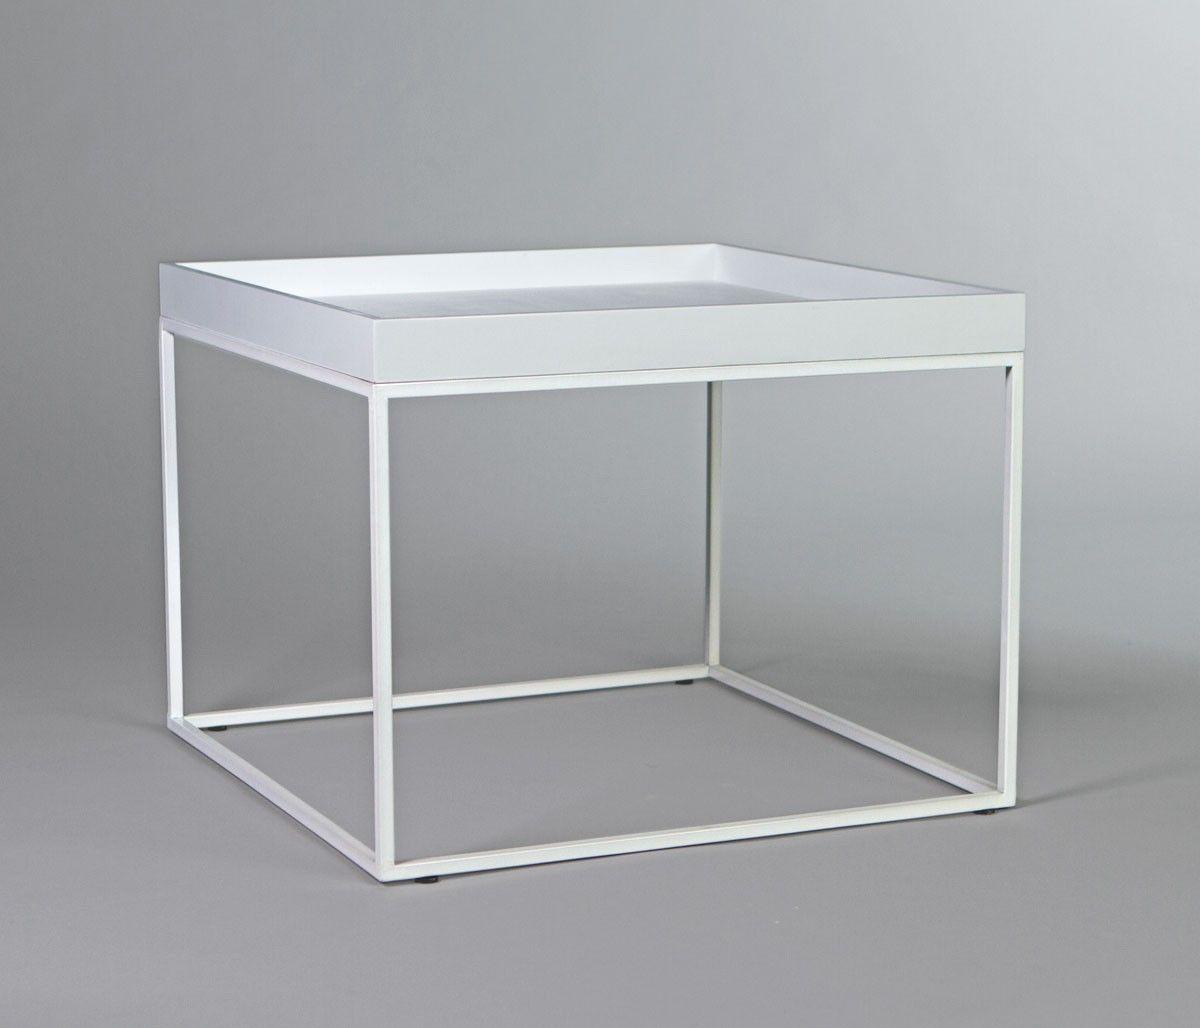 Pin de lizeth bravo en muebles lindos mesas muebles y - Muebles bravo ...